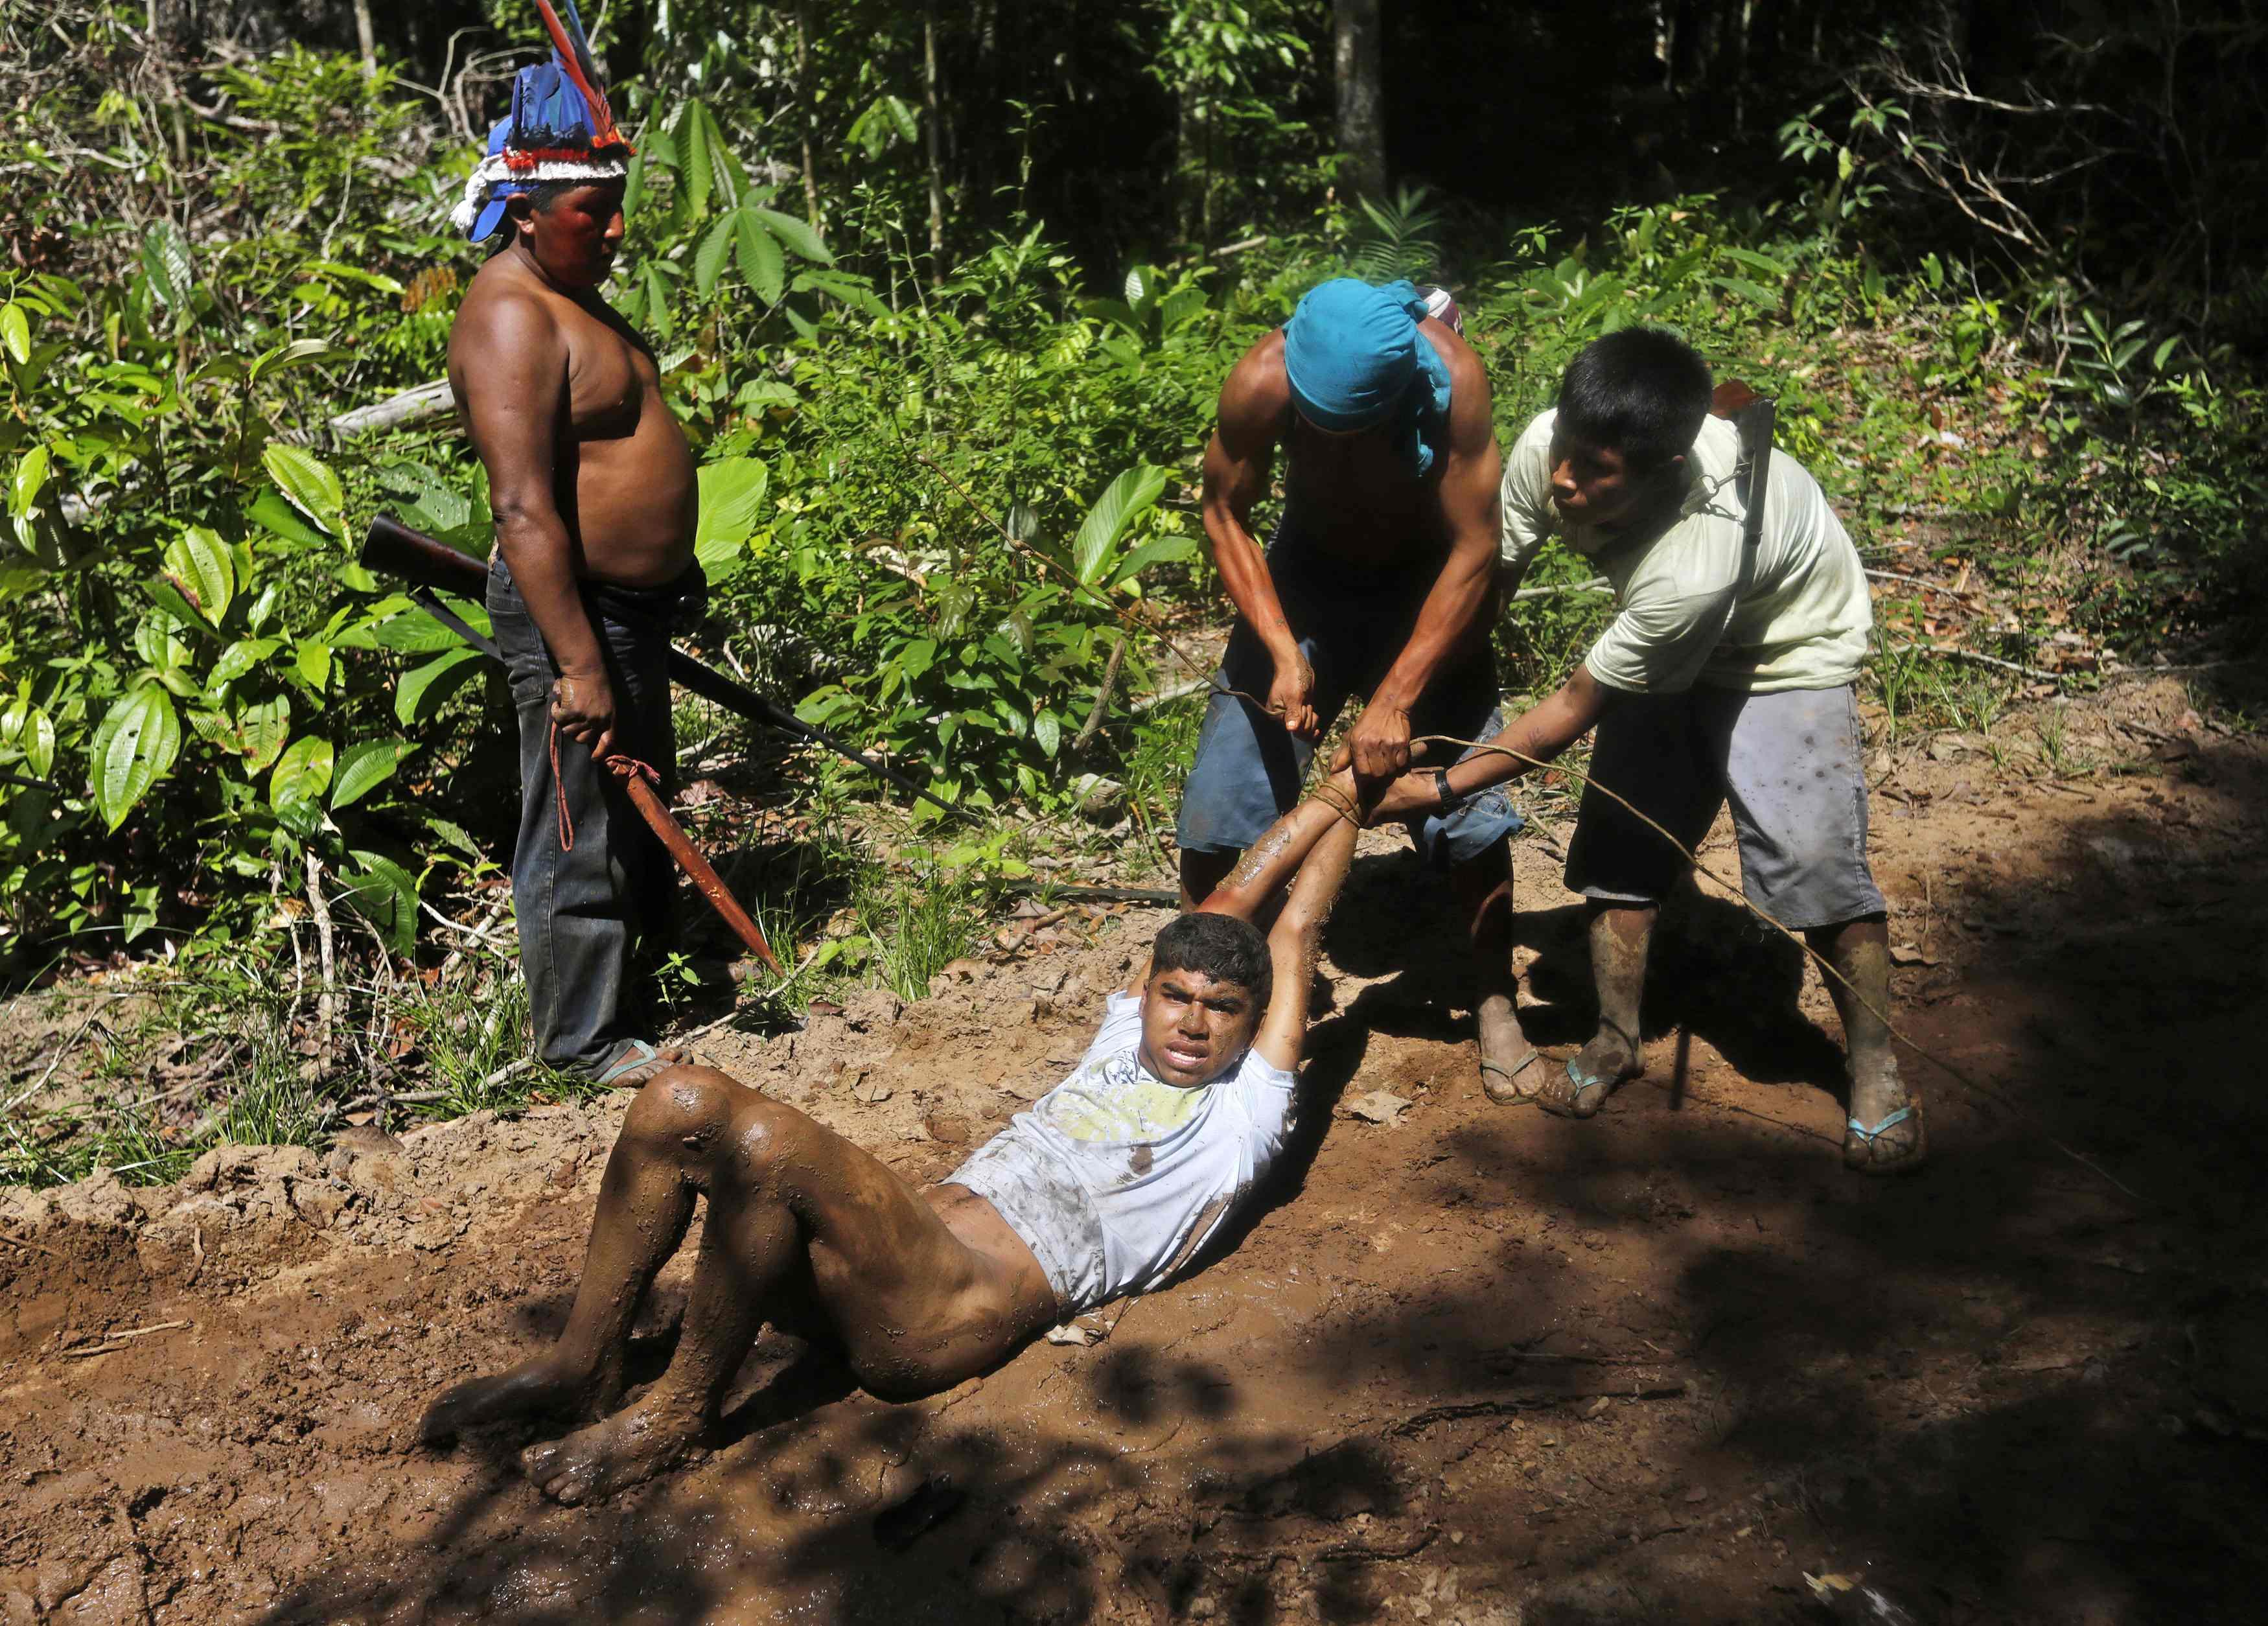 Секс индейцами в джунгли 14 фотография